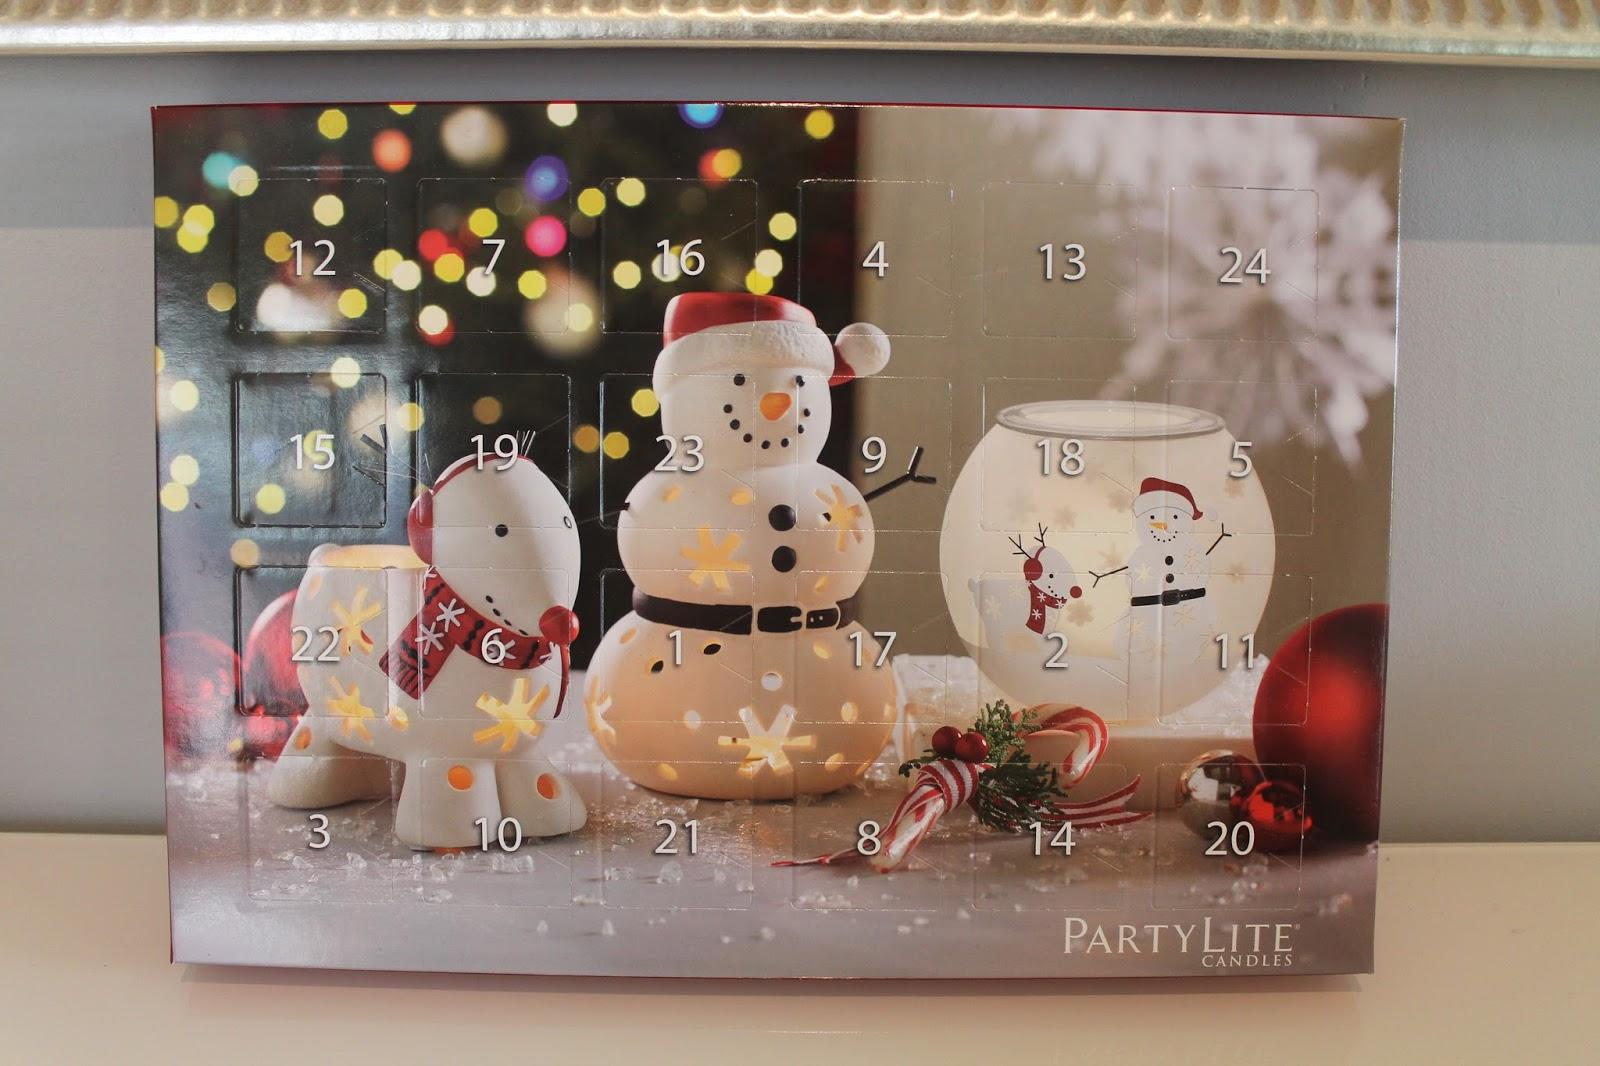 kynttilä joulukalenteri 2018 Sarin kotona: Partylite joulukalenteri ja muutakin! kynttilä joulukalenteri 2018